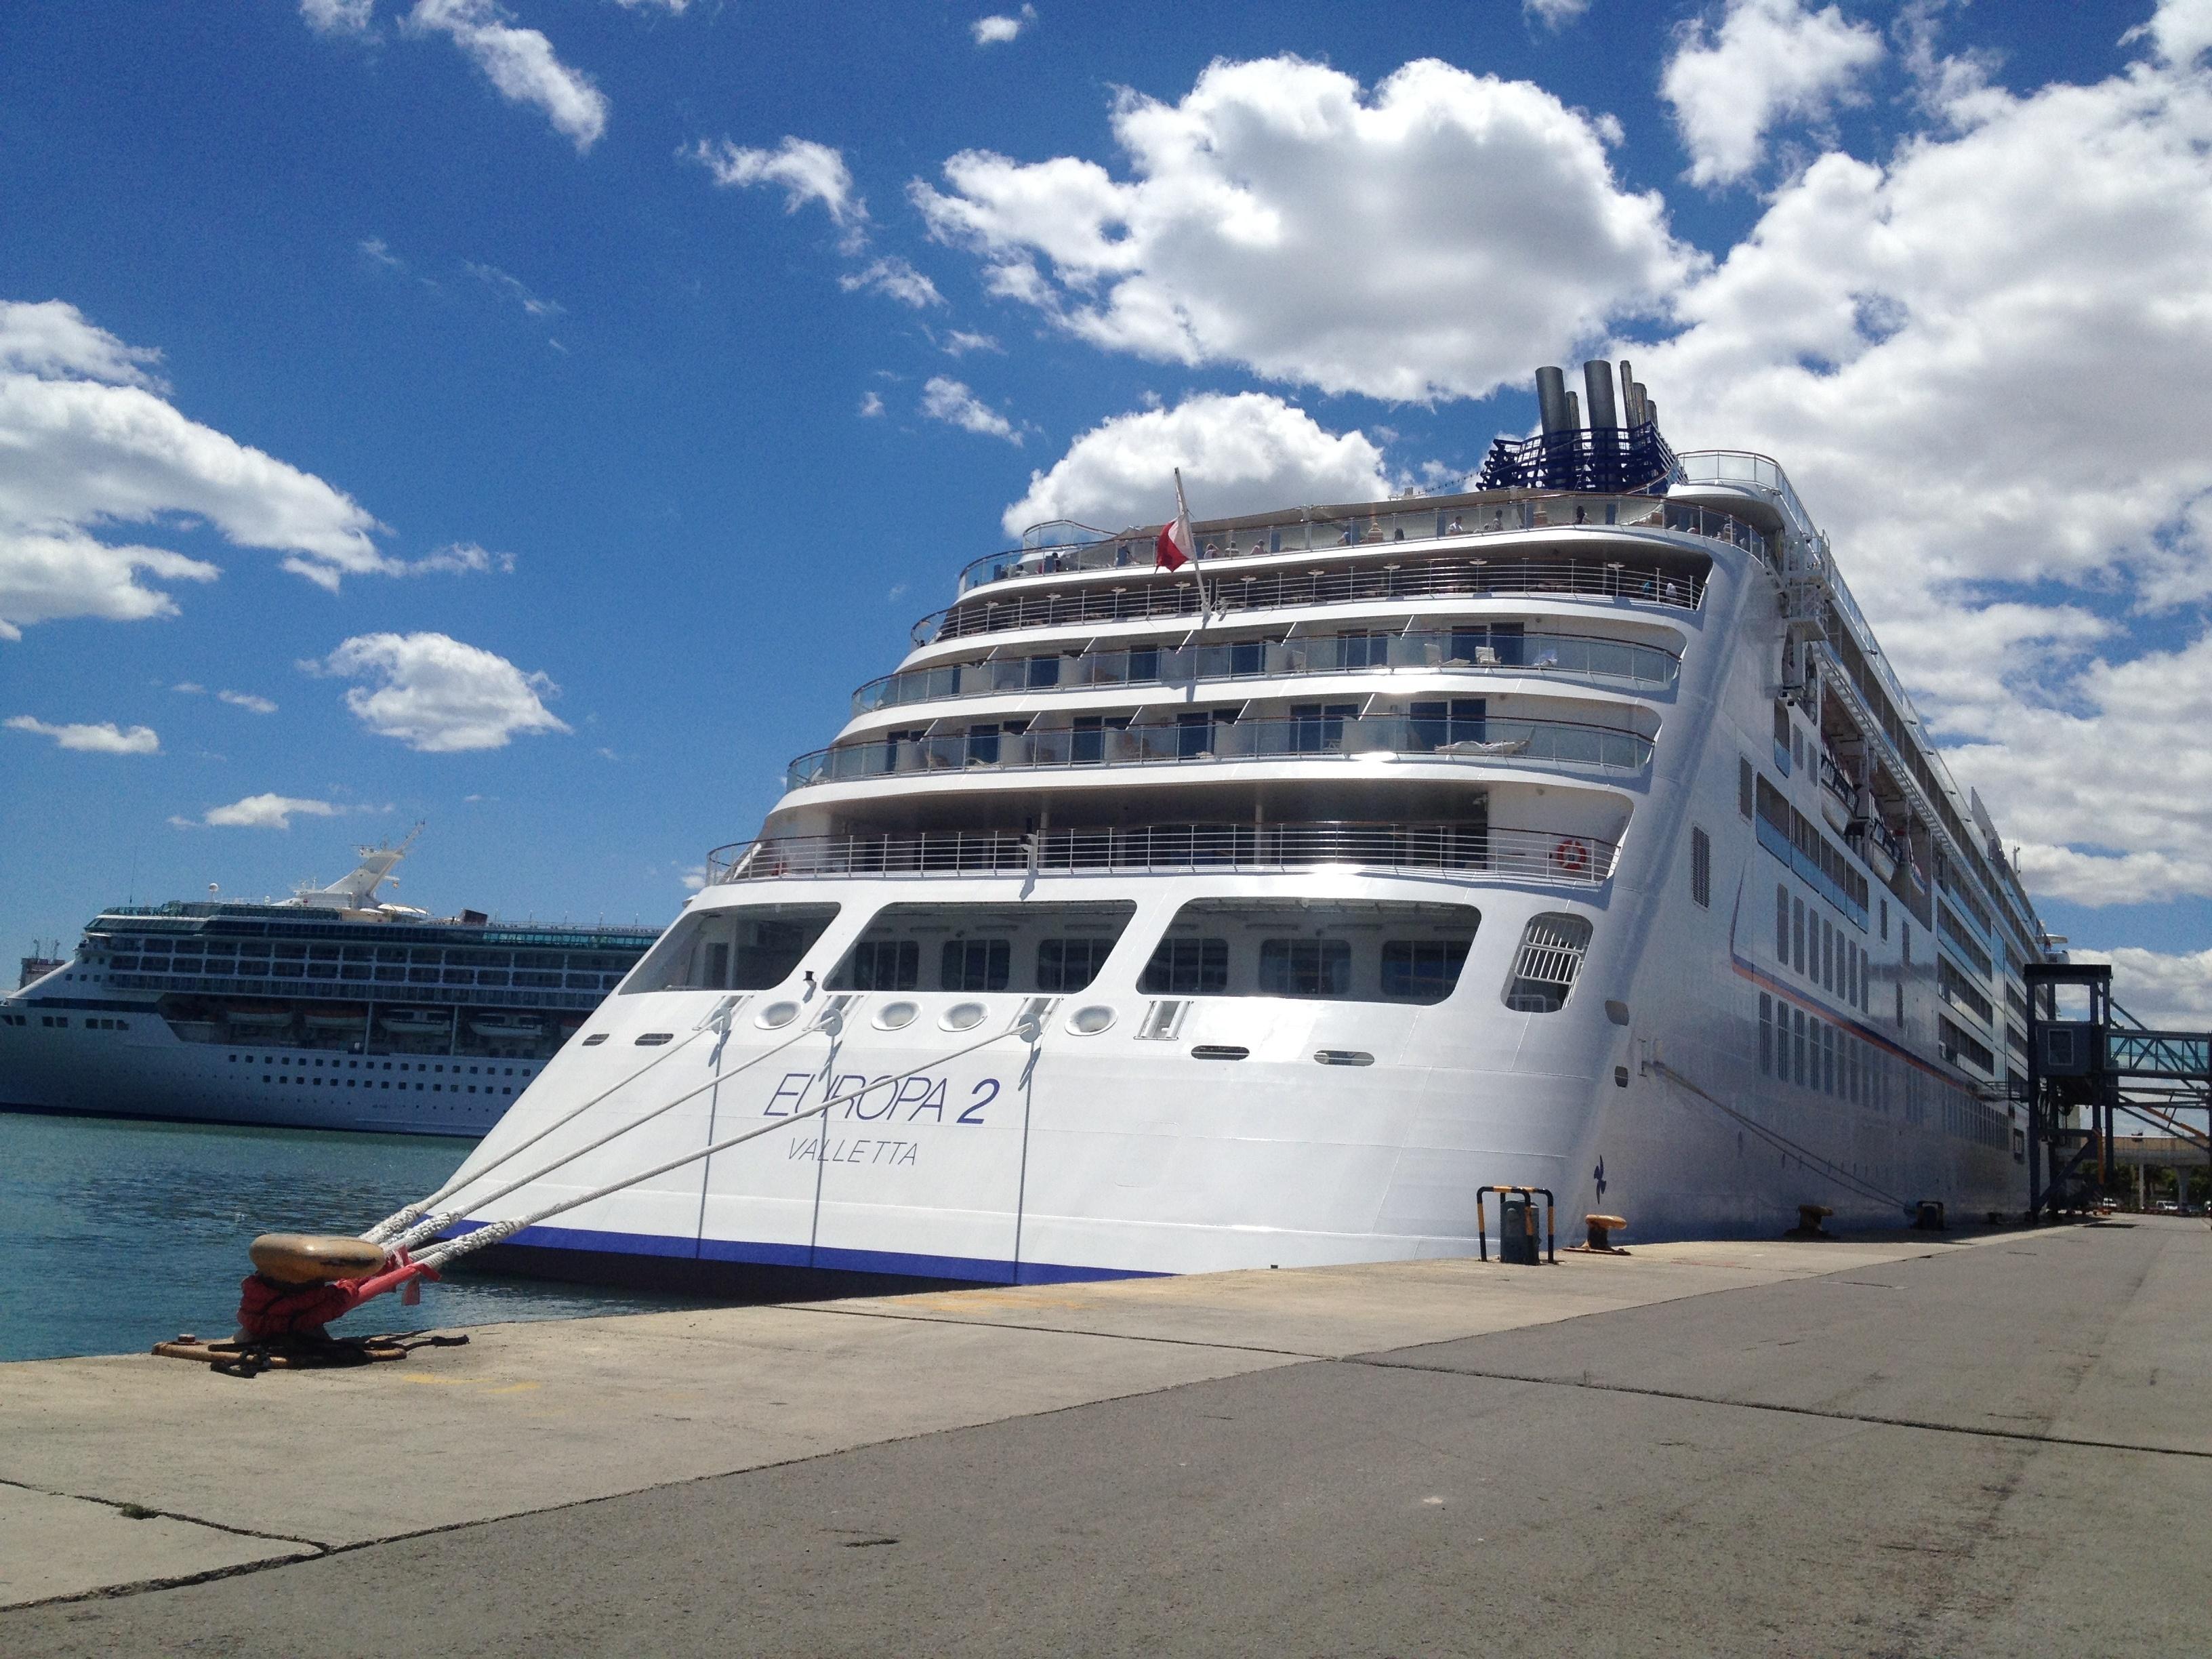 El puerto de Valencia recibe esta semana cuatro barcos con 11.000 cruceristas a bordo